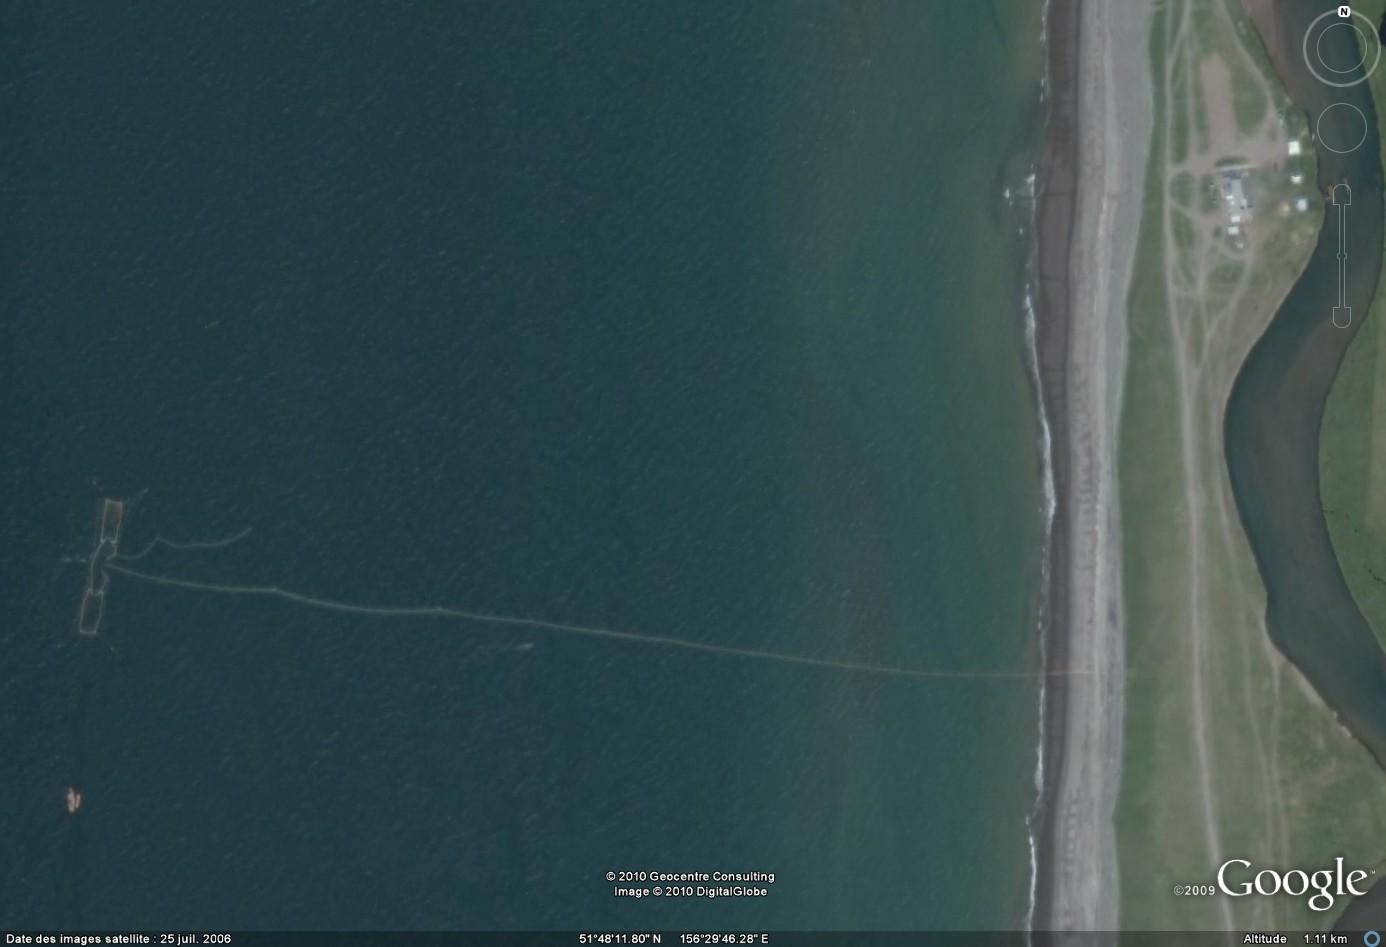 [C'est quoi ] Cote ouest du Kamchatka : pêcherie ou élevage ? Elevag10